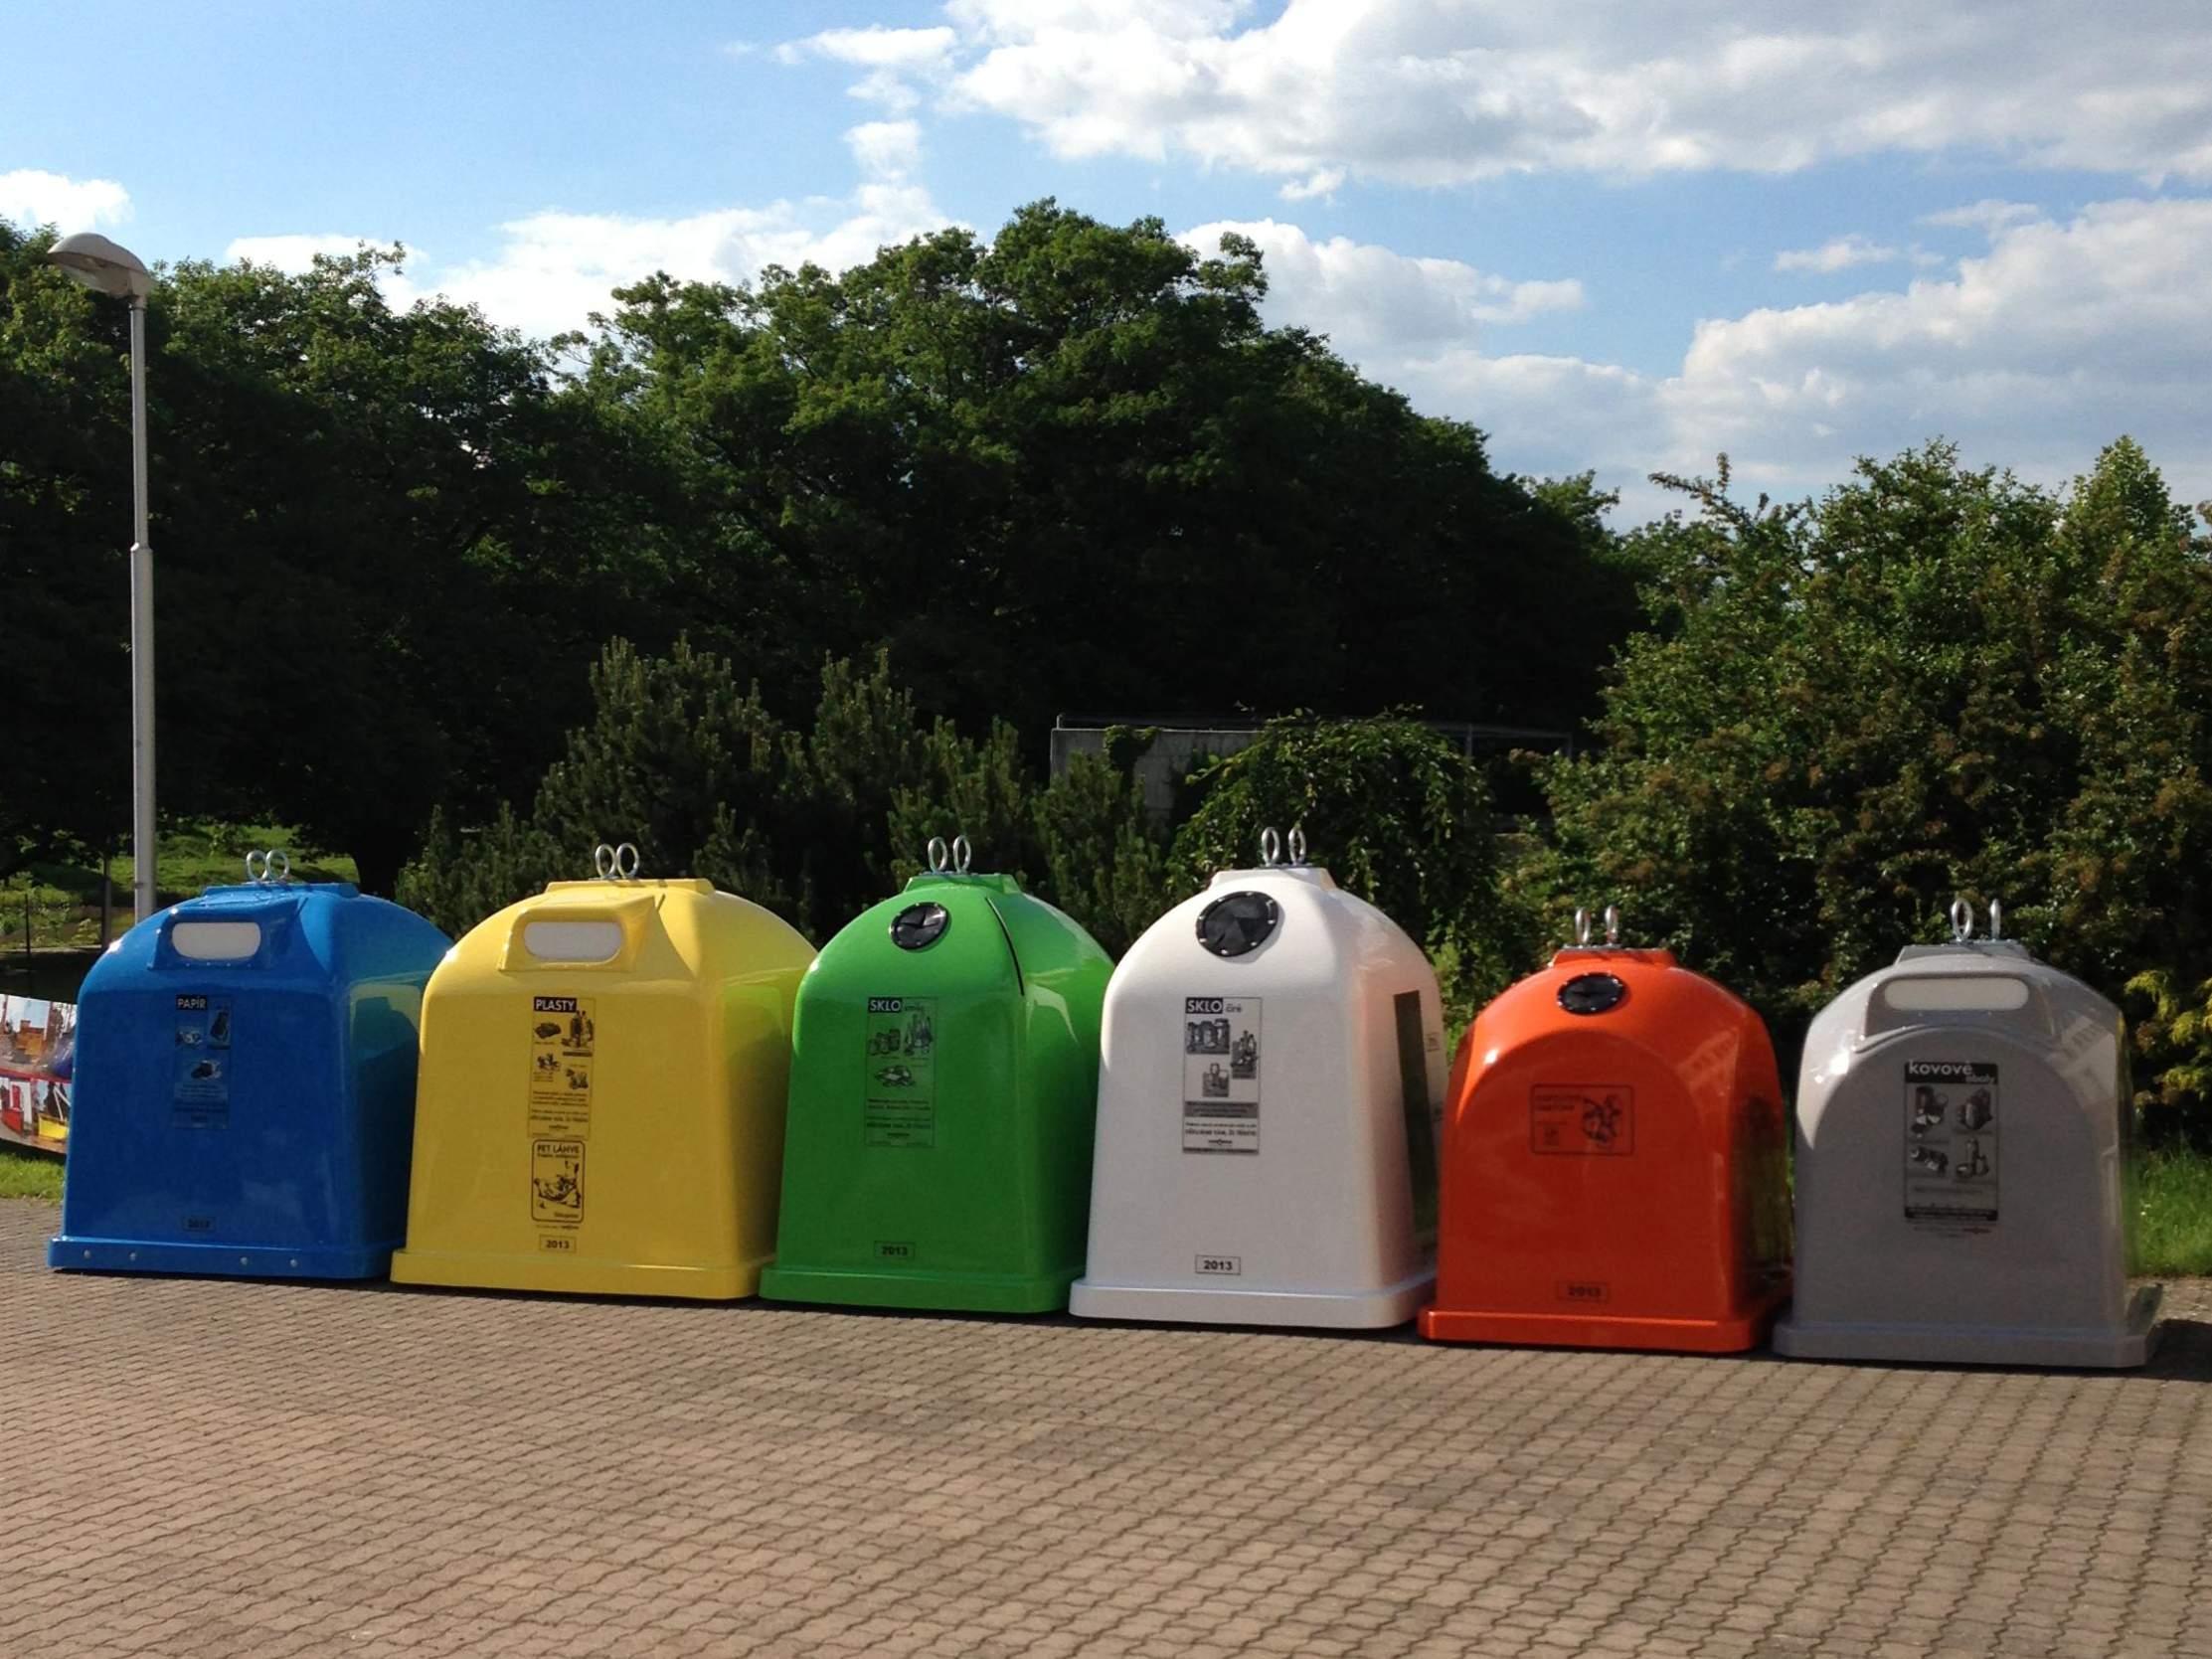 Česko čeká velká odpadková revoluce, vláda dnes schválila novou odpadovou legislativu